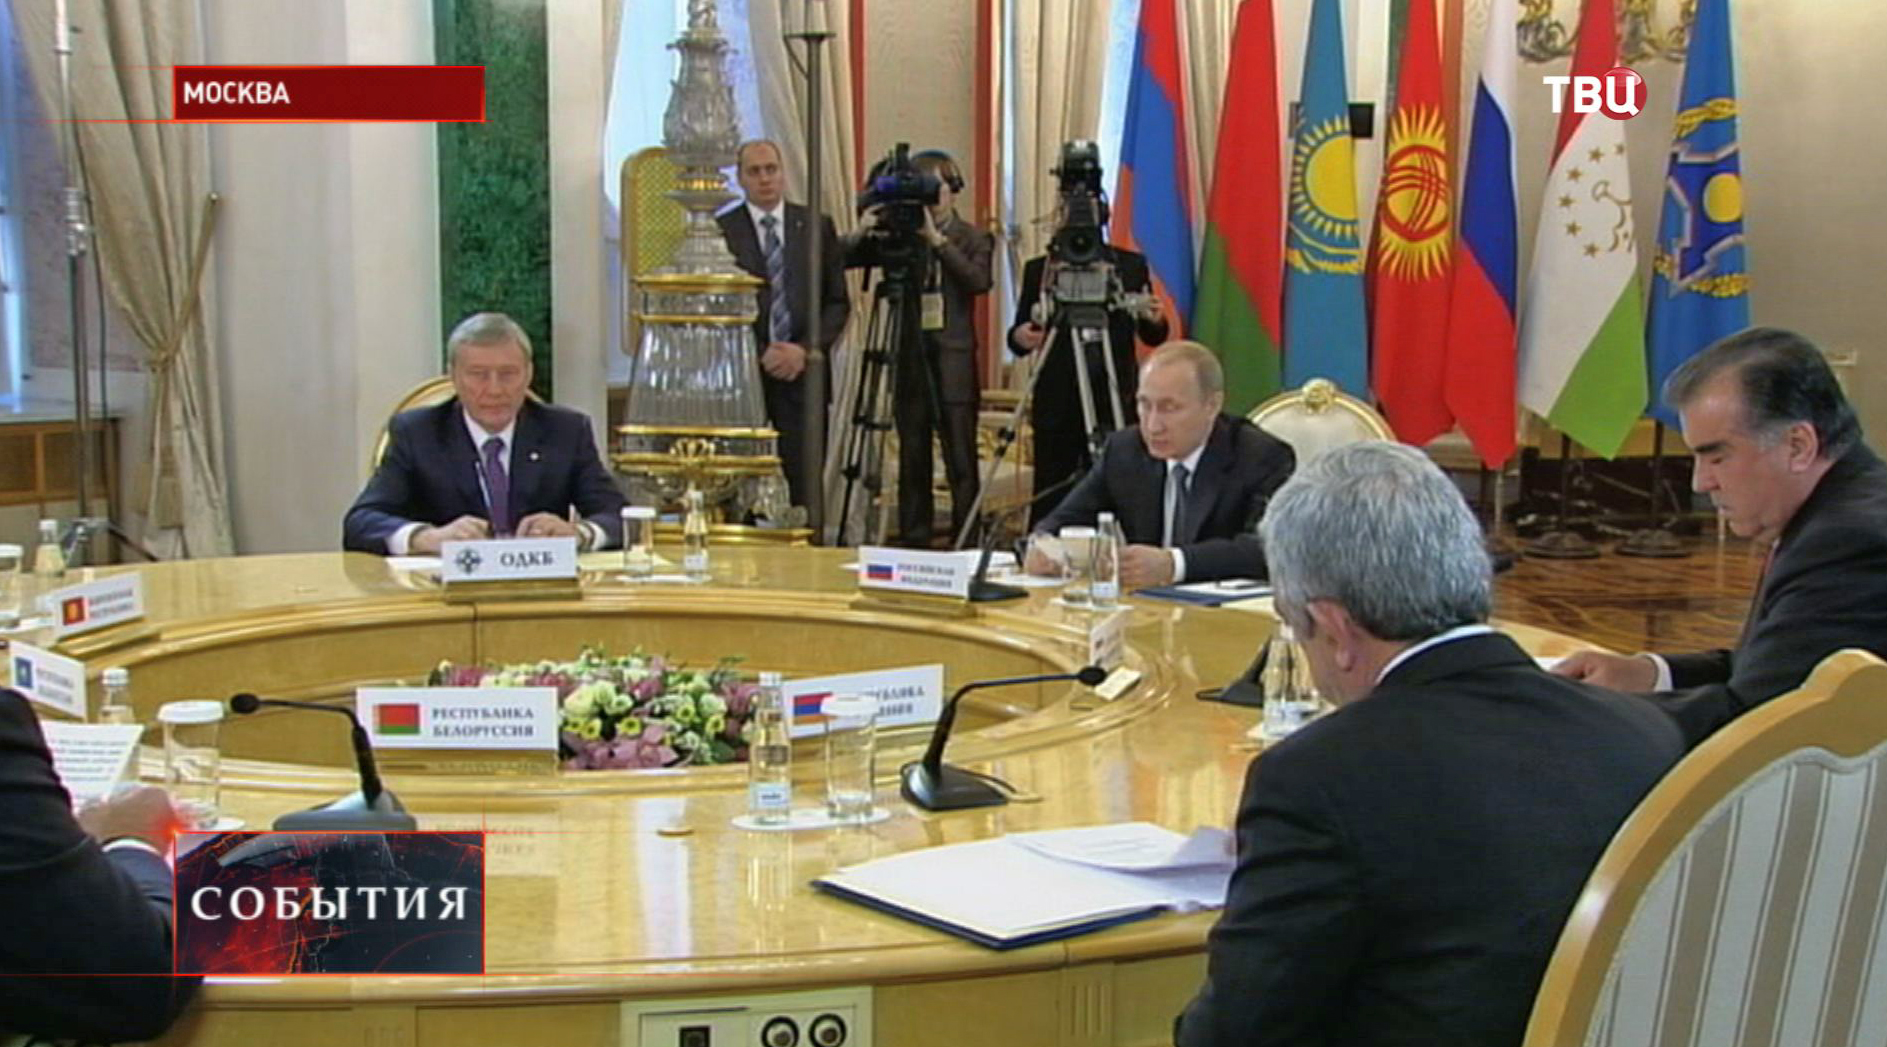 Заседание саммита Организации Договора коллективной безопасности